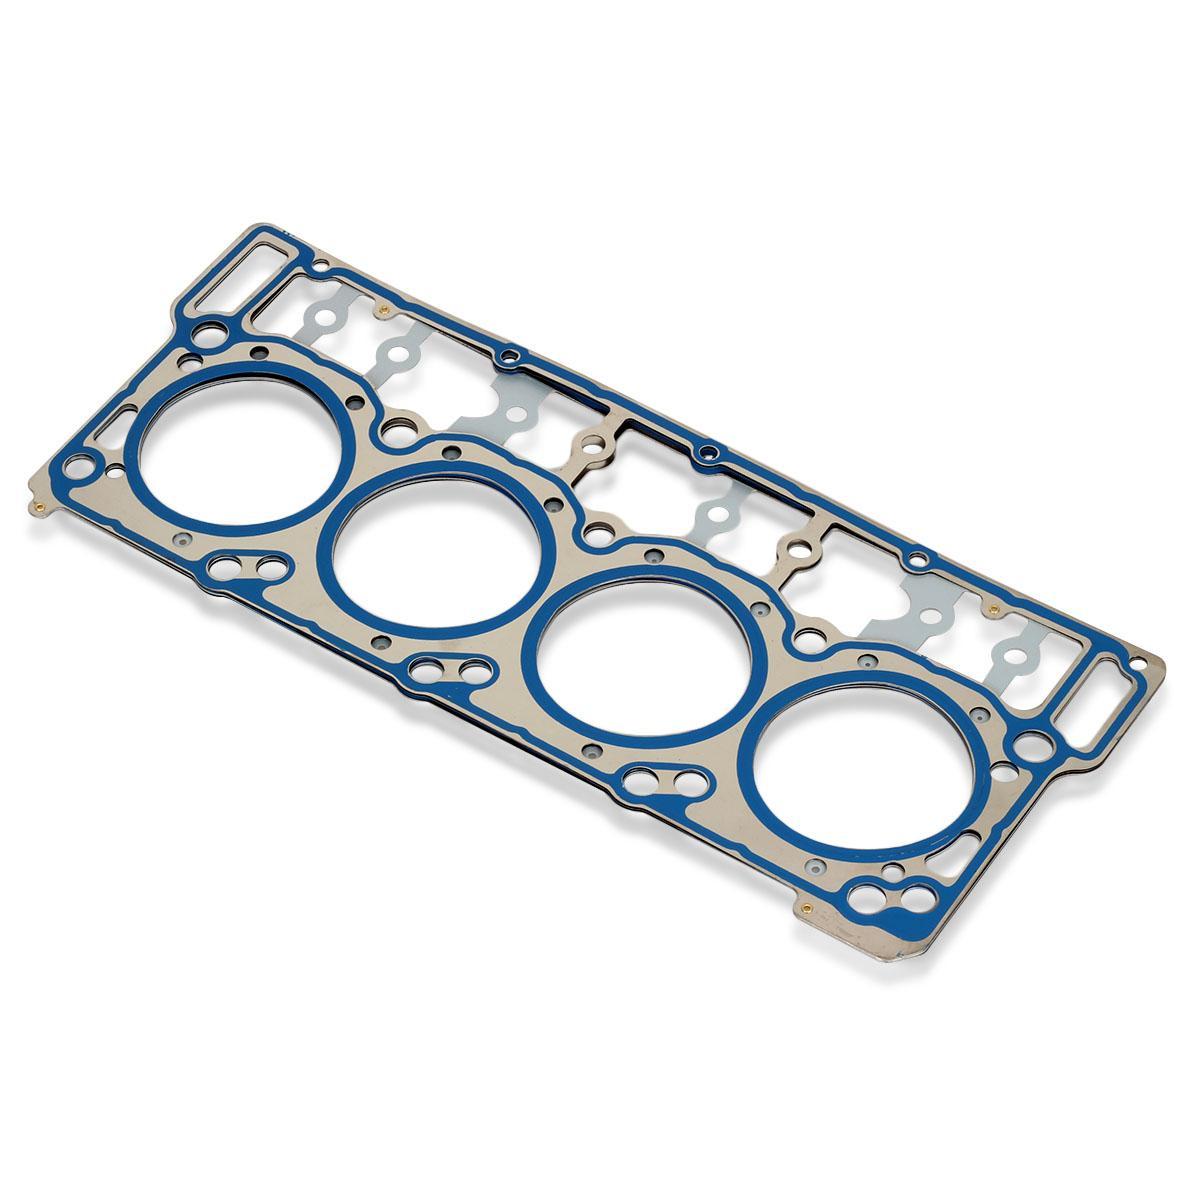 OEM Head Gasket Oil Cooler 18MM Fits Ford F250/350/450/550